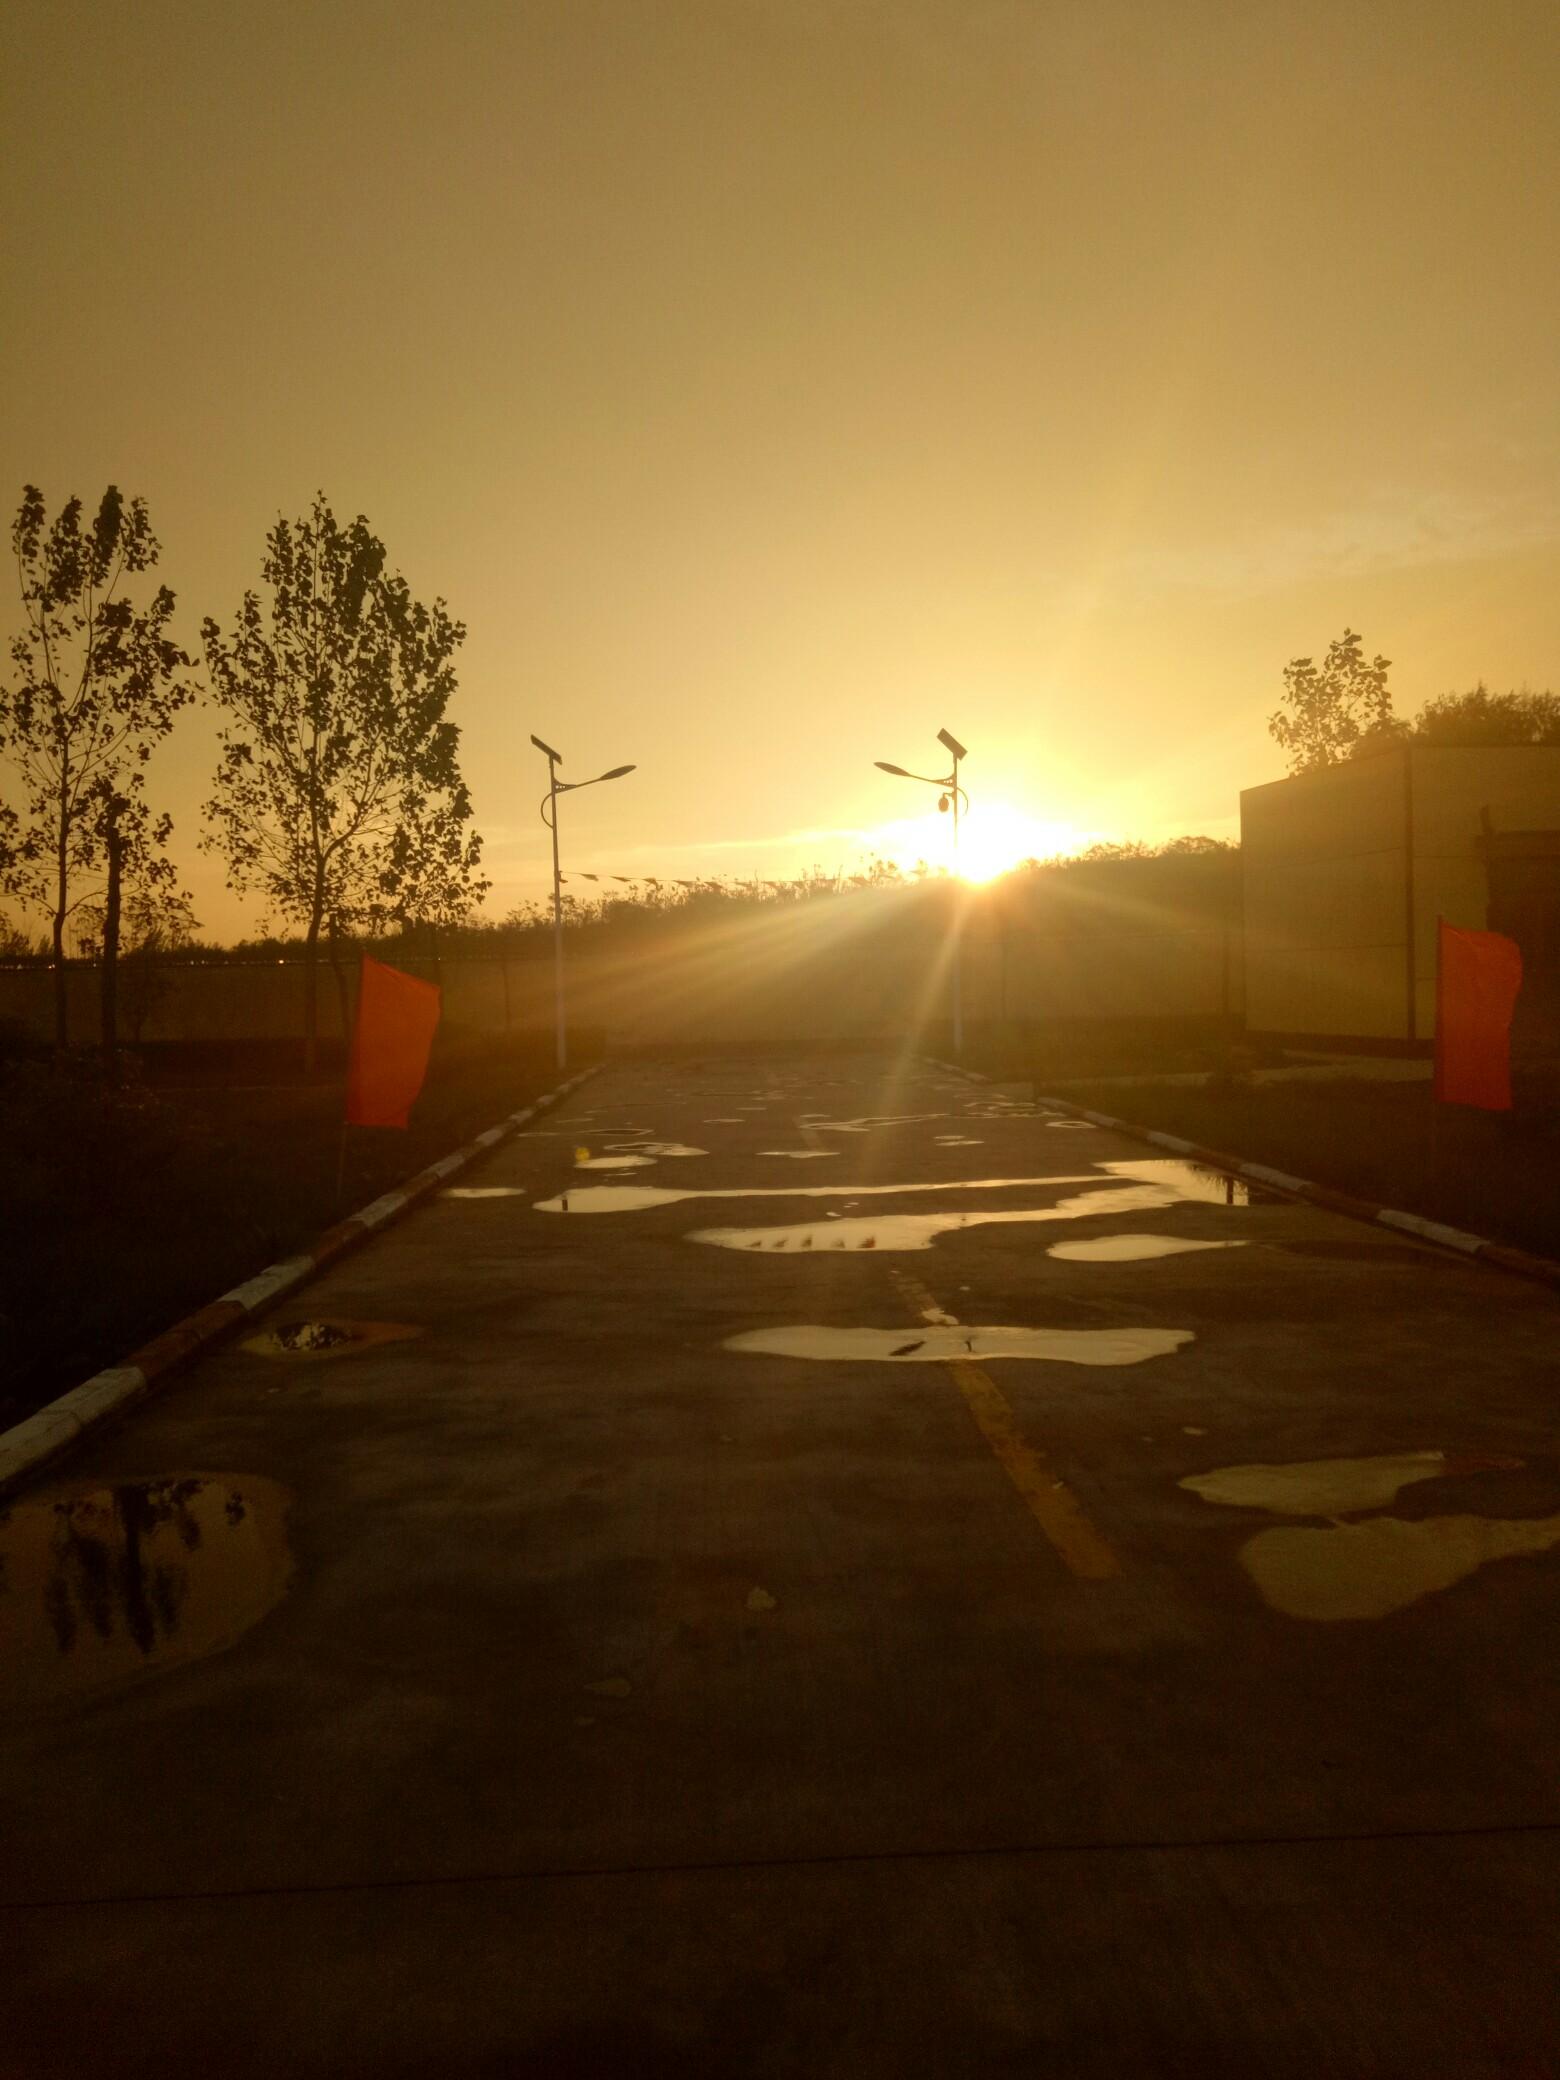 太阳你终于出来了